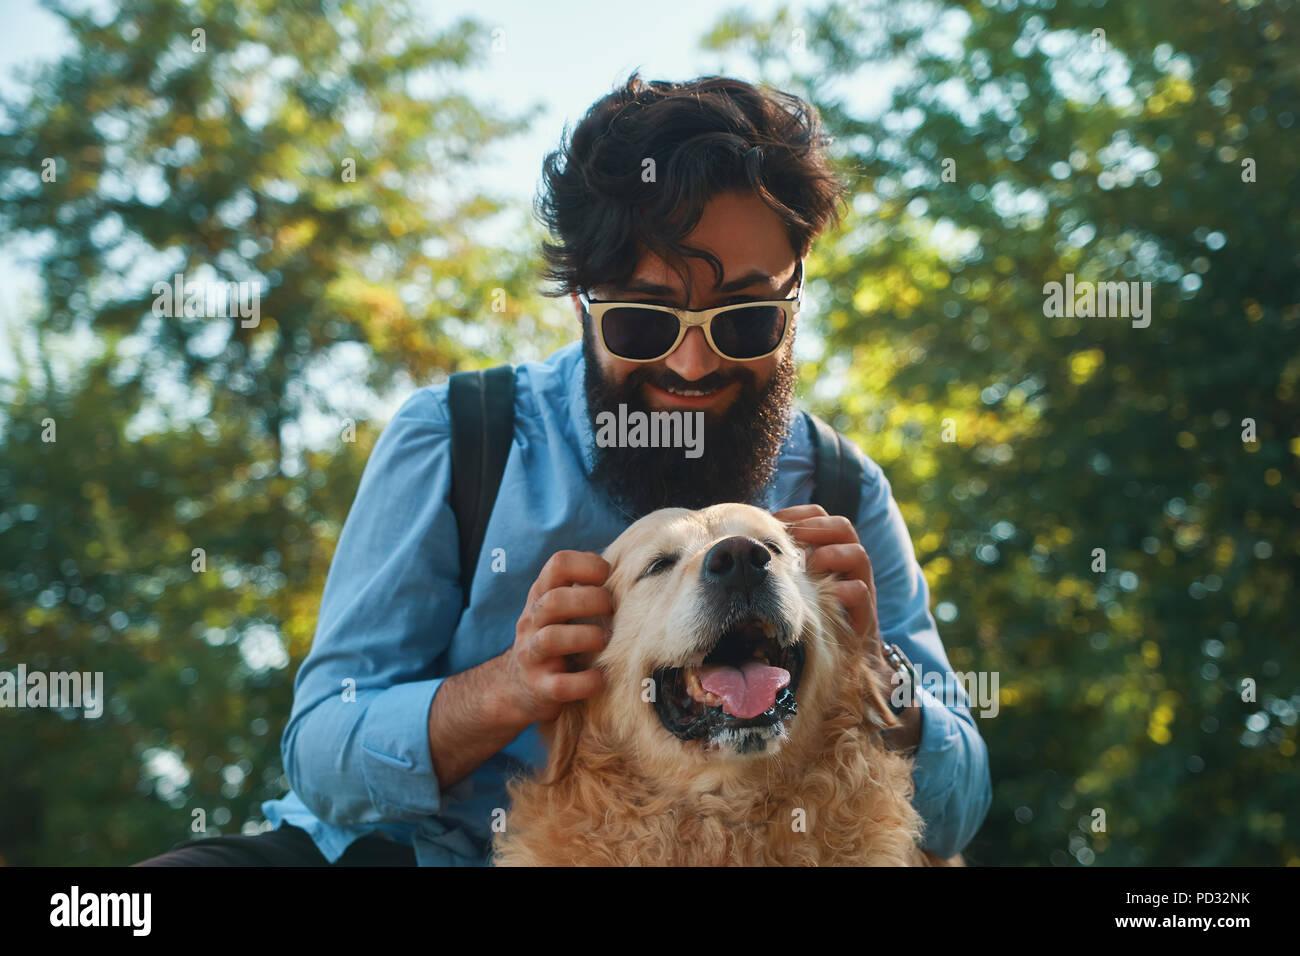 Hombre y el perro a divertirse, jugar, hacer muecas mientras restin Imagen De Stock